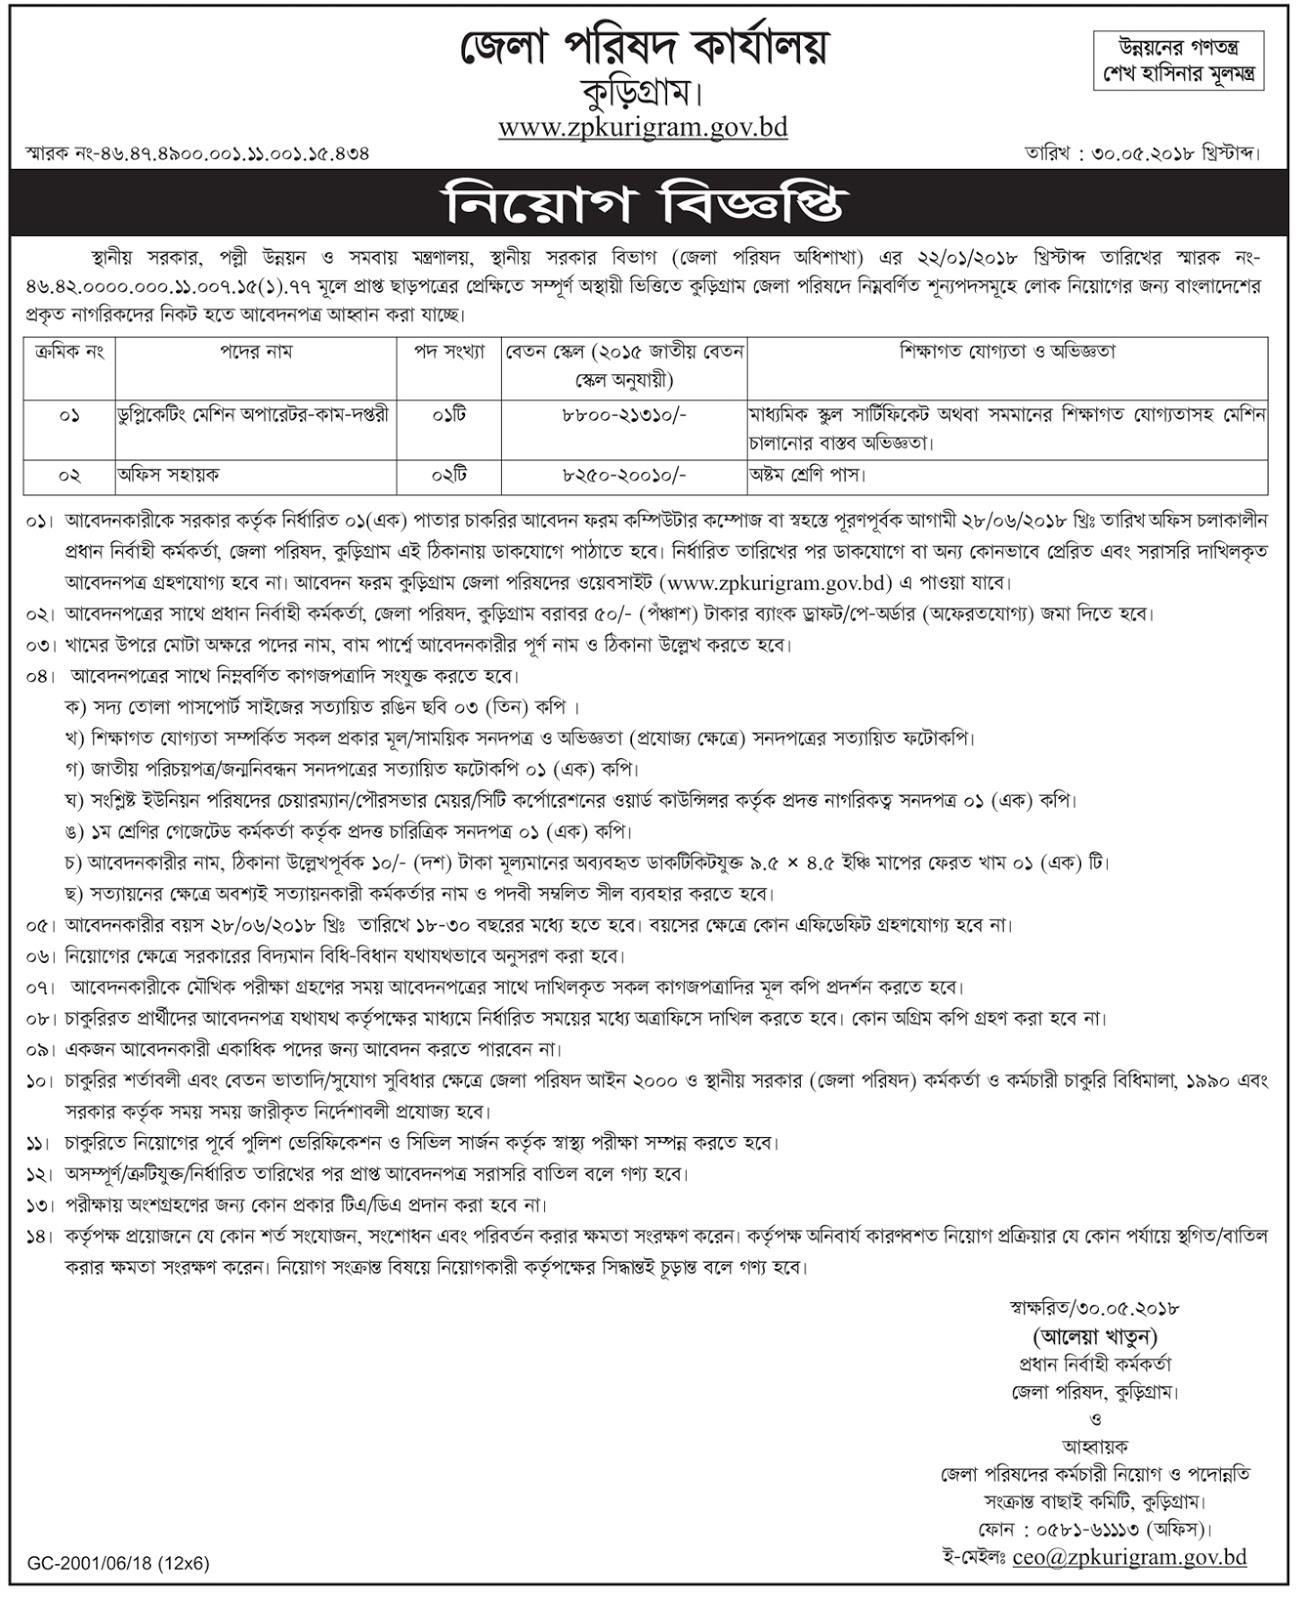 Zilla parishad, Kurigram Job Circular 2018